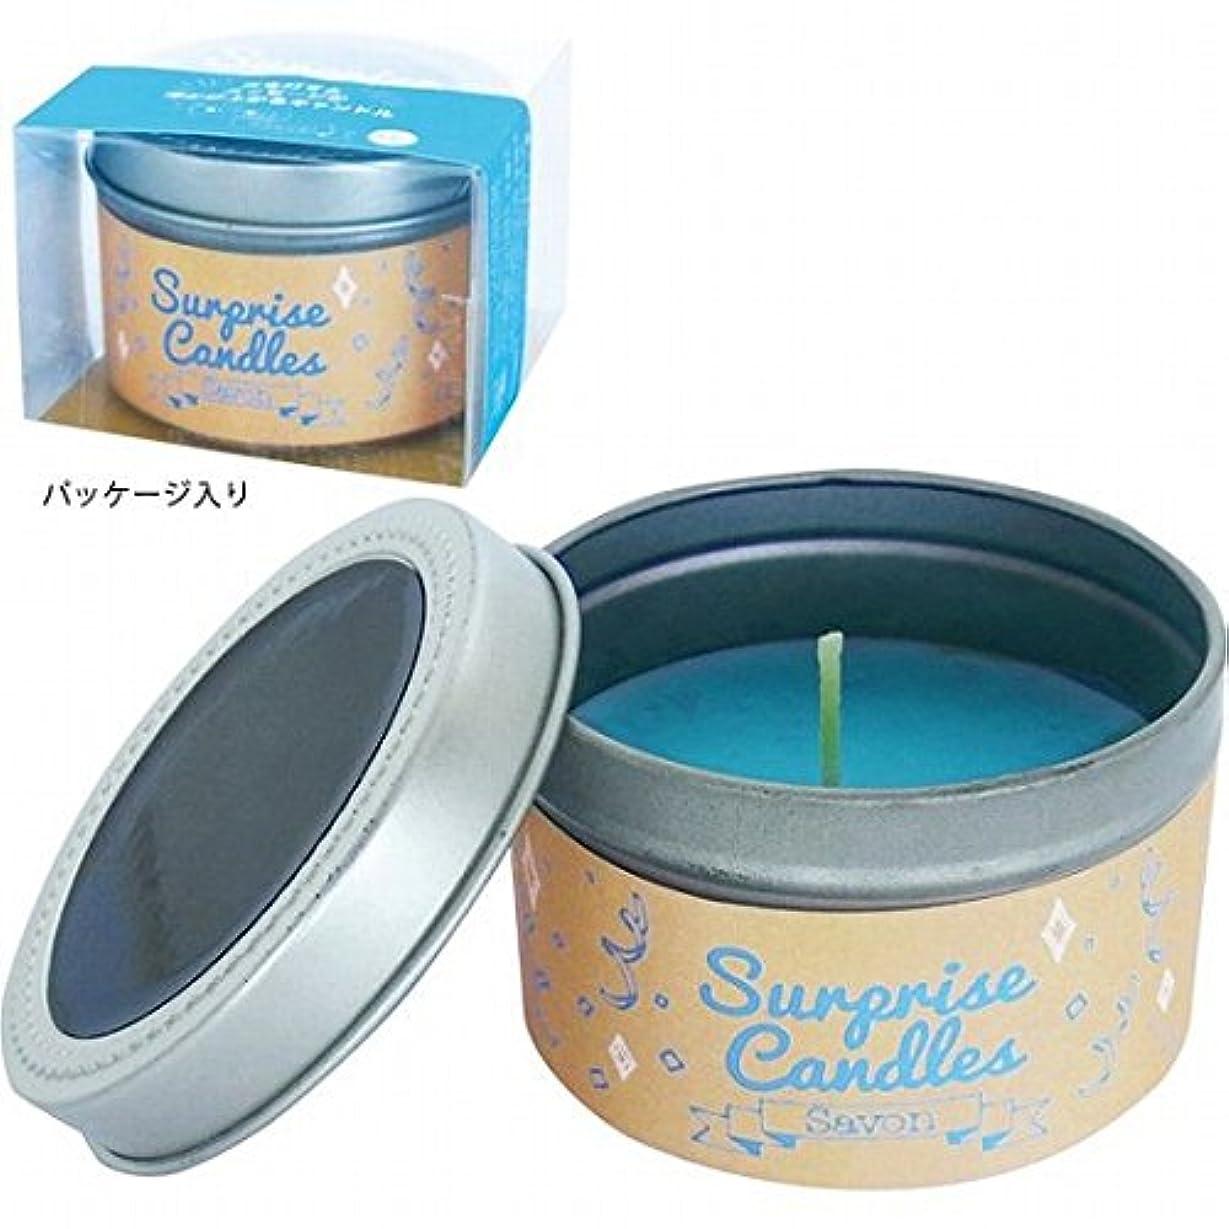 仲人甲虫簡単にkameyama candle(カメヤマキャンドル) サプライズキャンドル 「サボン」(A207005030)